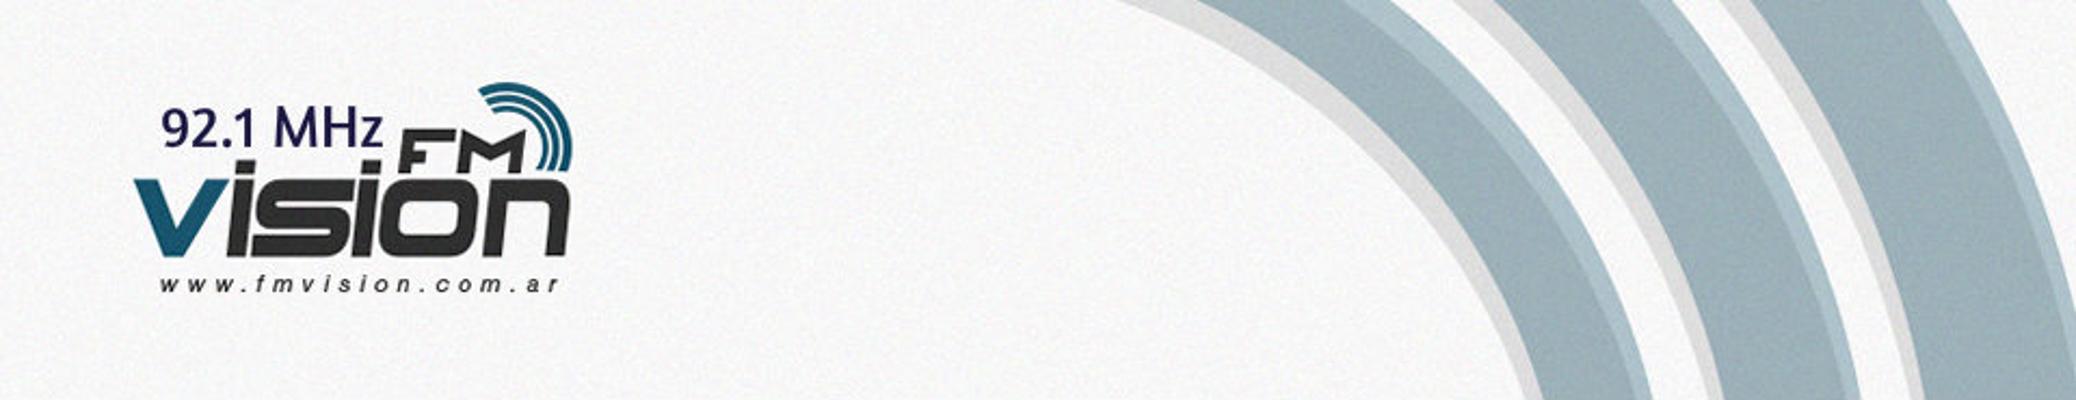 www.fmvision.com.ar